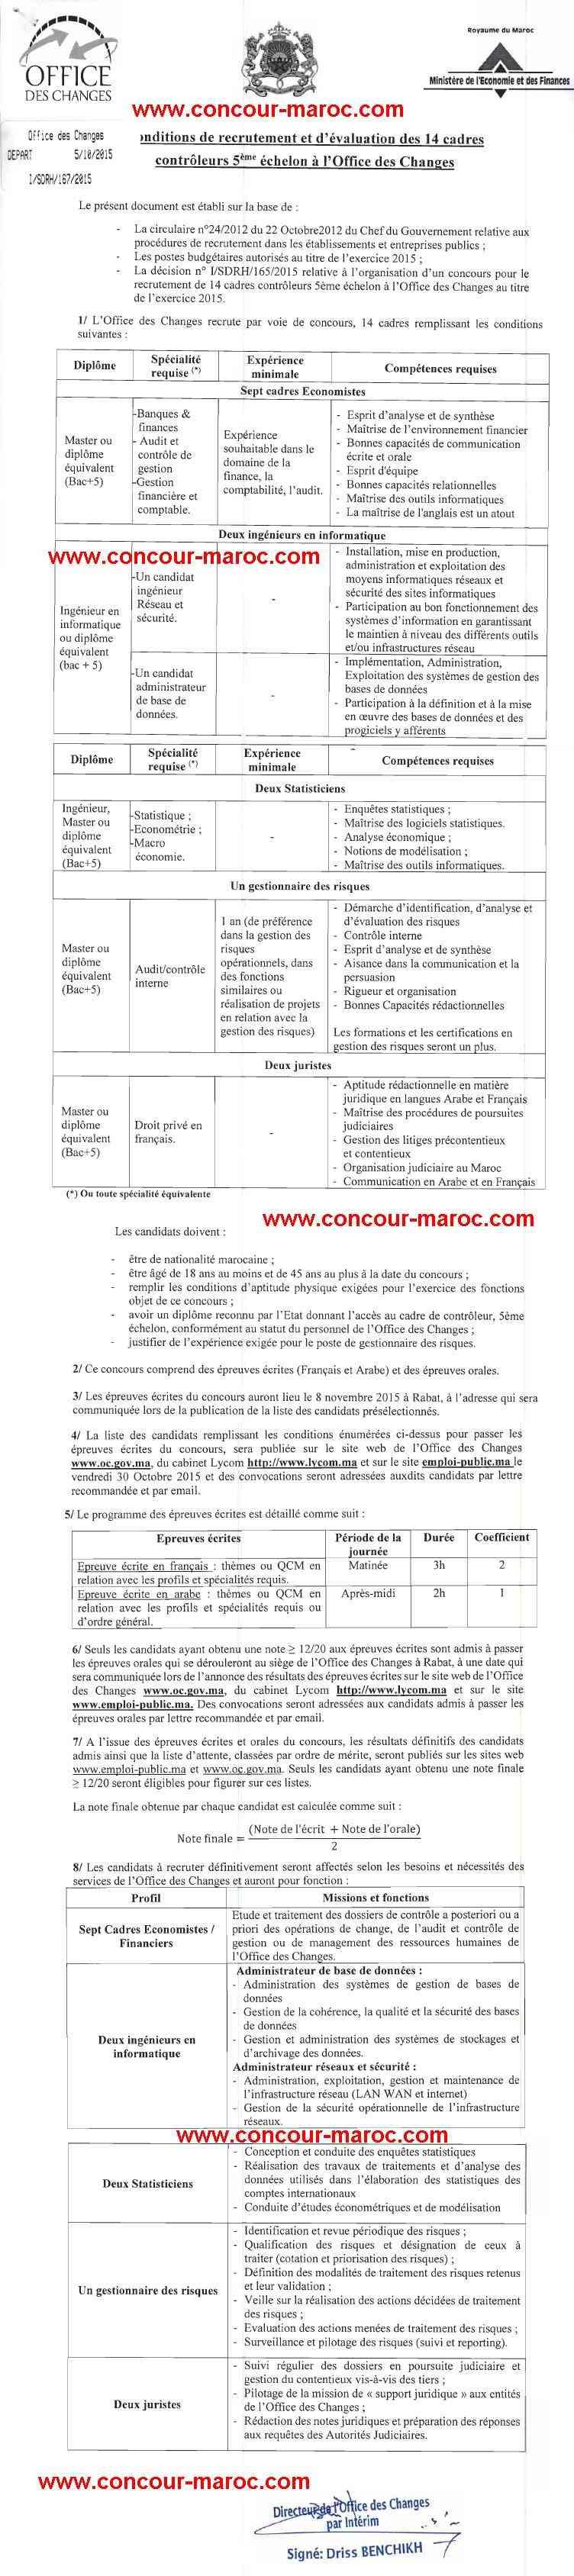 مكتب الصرف : مباراة لتوظيف إطار (14 منصب) آخر أجل لإيداع الترشيحات22 اكتوبر 2015 Concou50